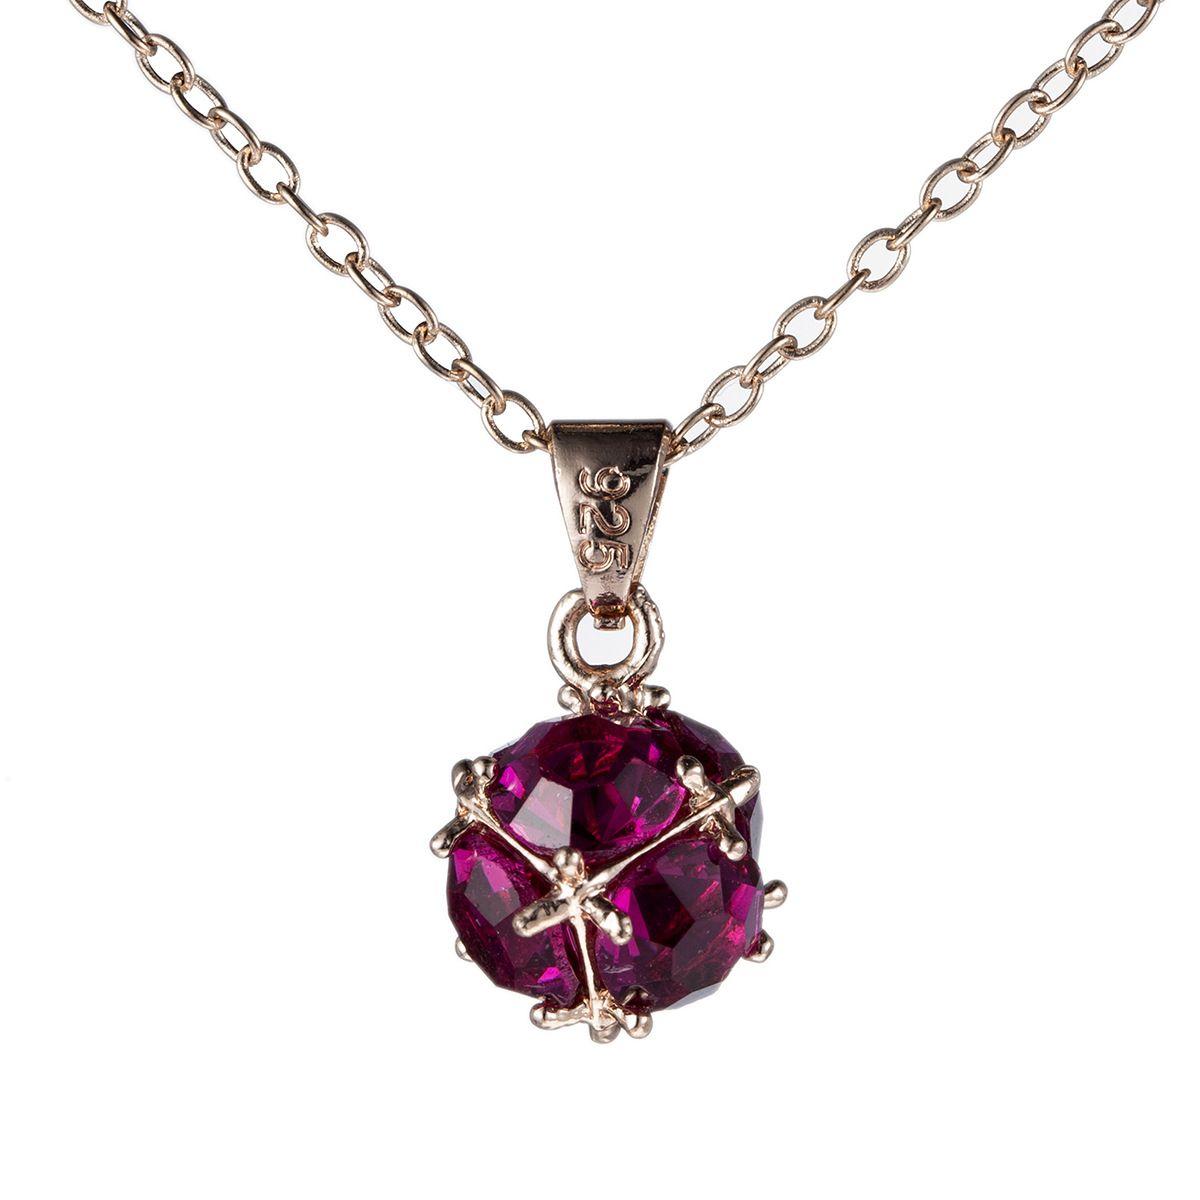 Nuevo 12 Unids / lote Luckyshine Rose Gold Red Gems Clusters Crystal Gems Colgante Novia Joyería de La Boda CZ Collares Pendientes Regalo